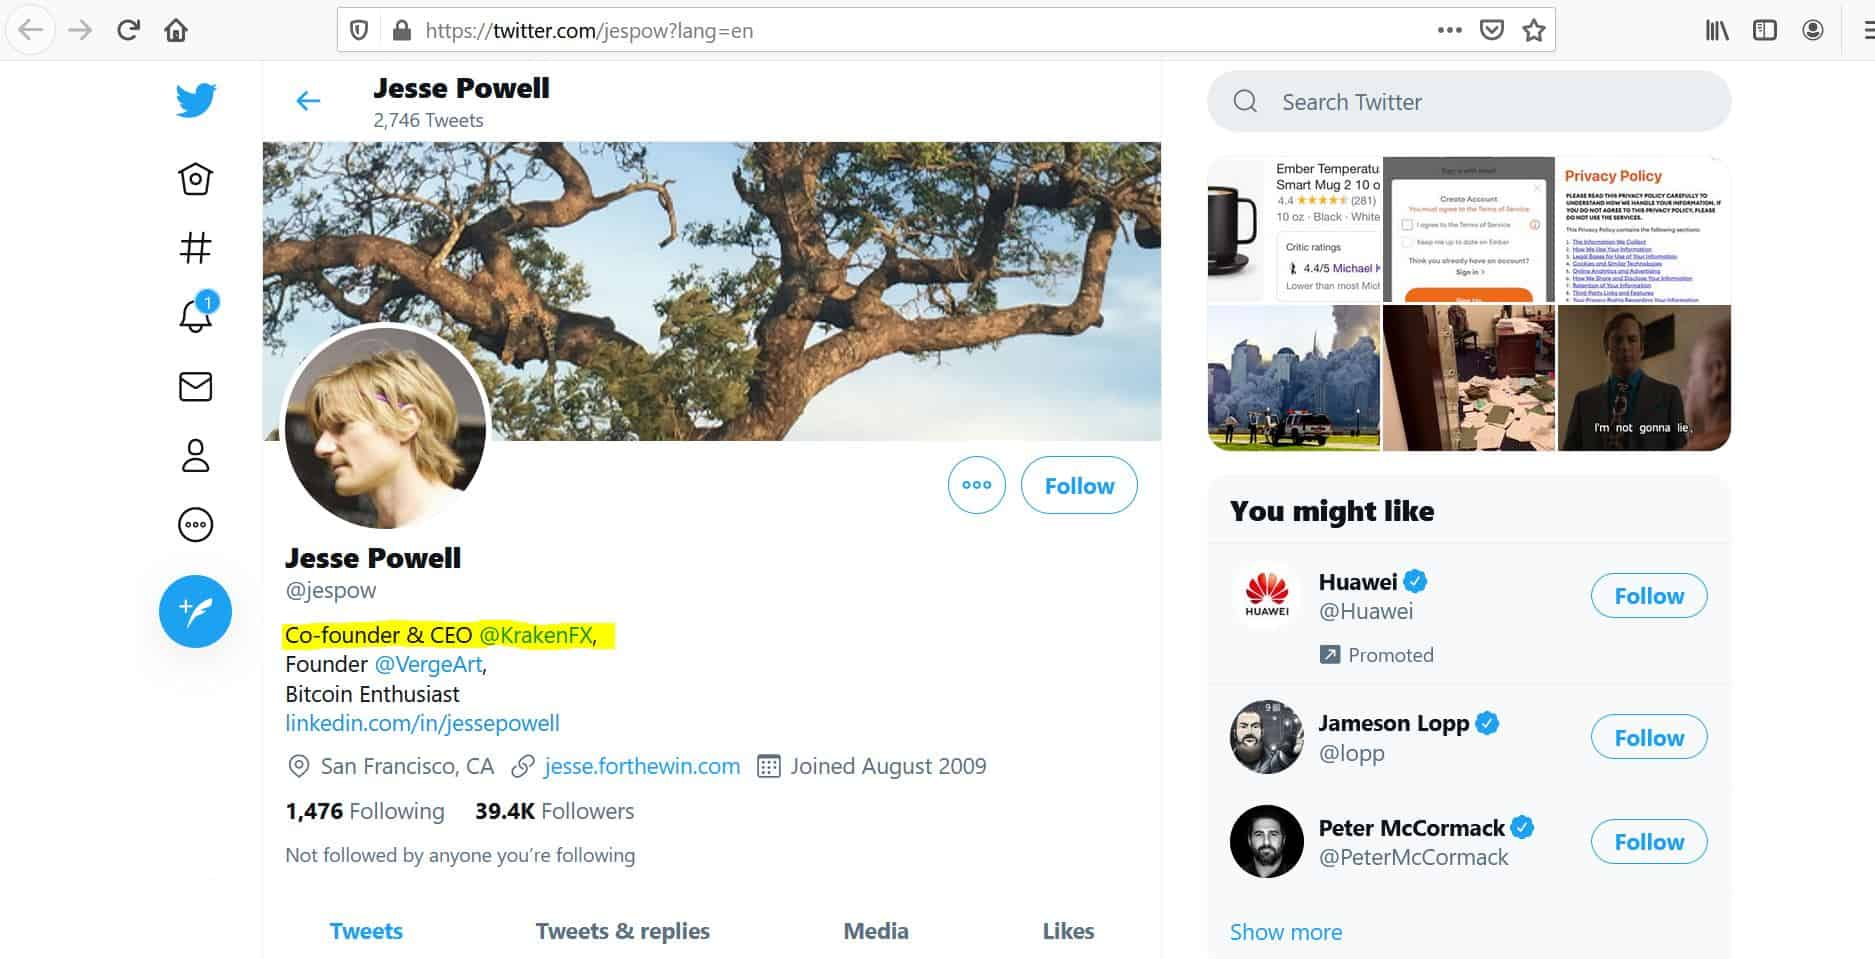 Jesse Powell twitter